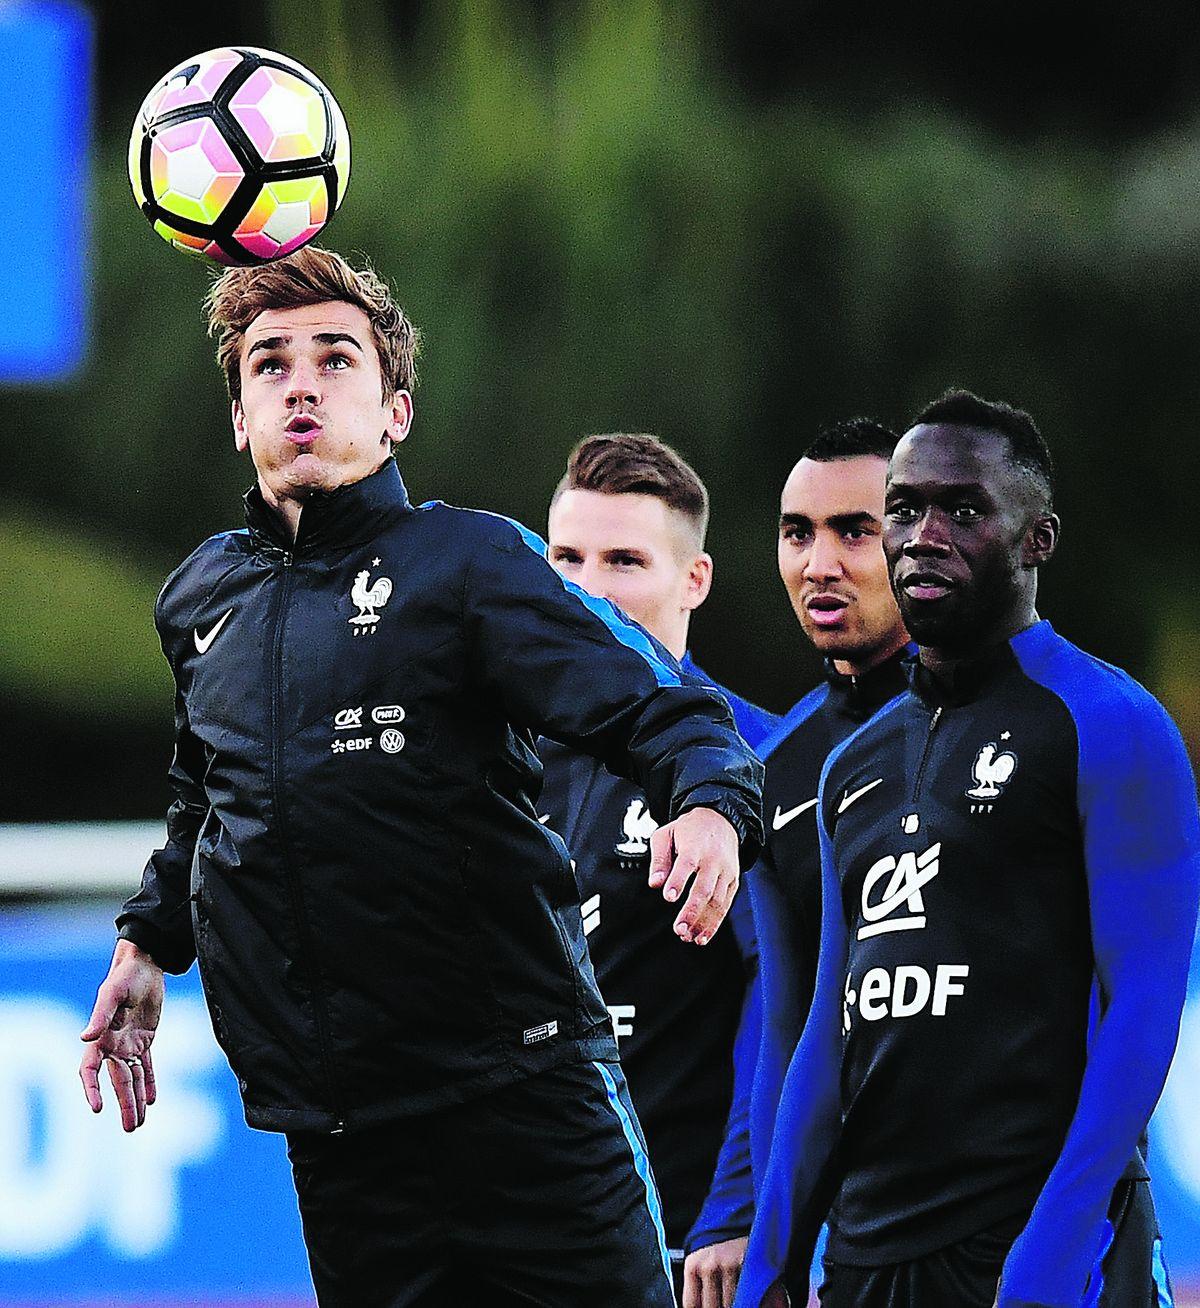 Football - Equipe de France - France-Bulgarie : gare à ne pas revivre le traquenard